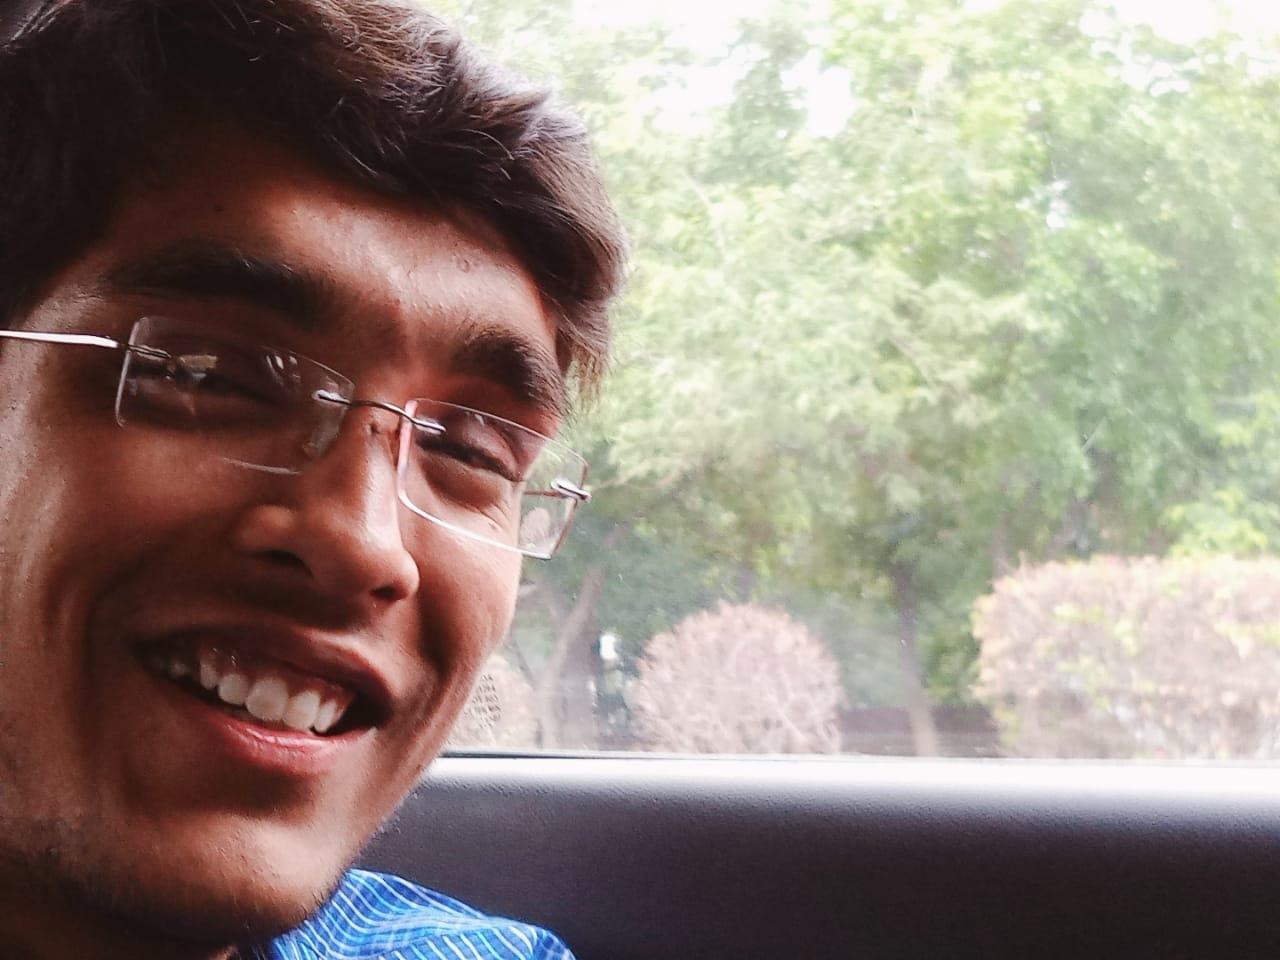 Shubham Nagaria